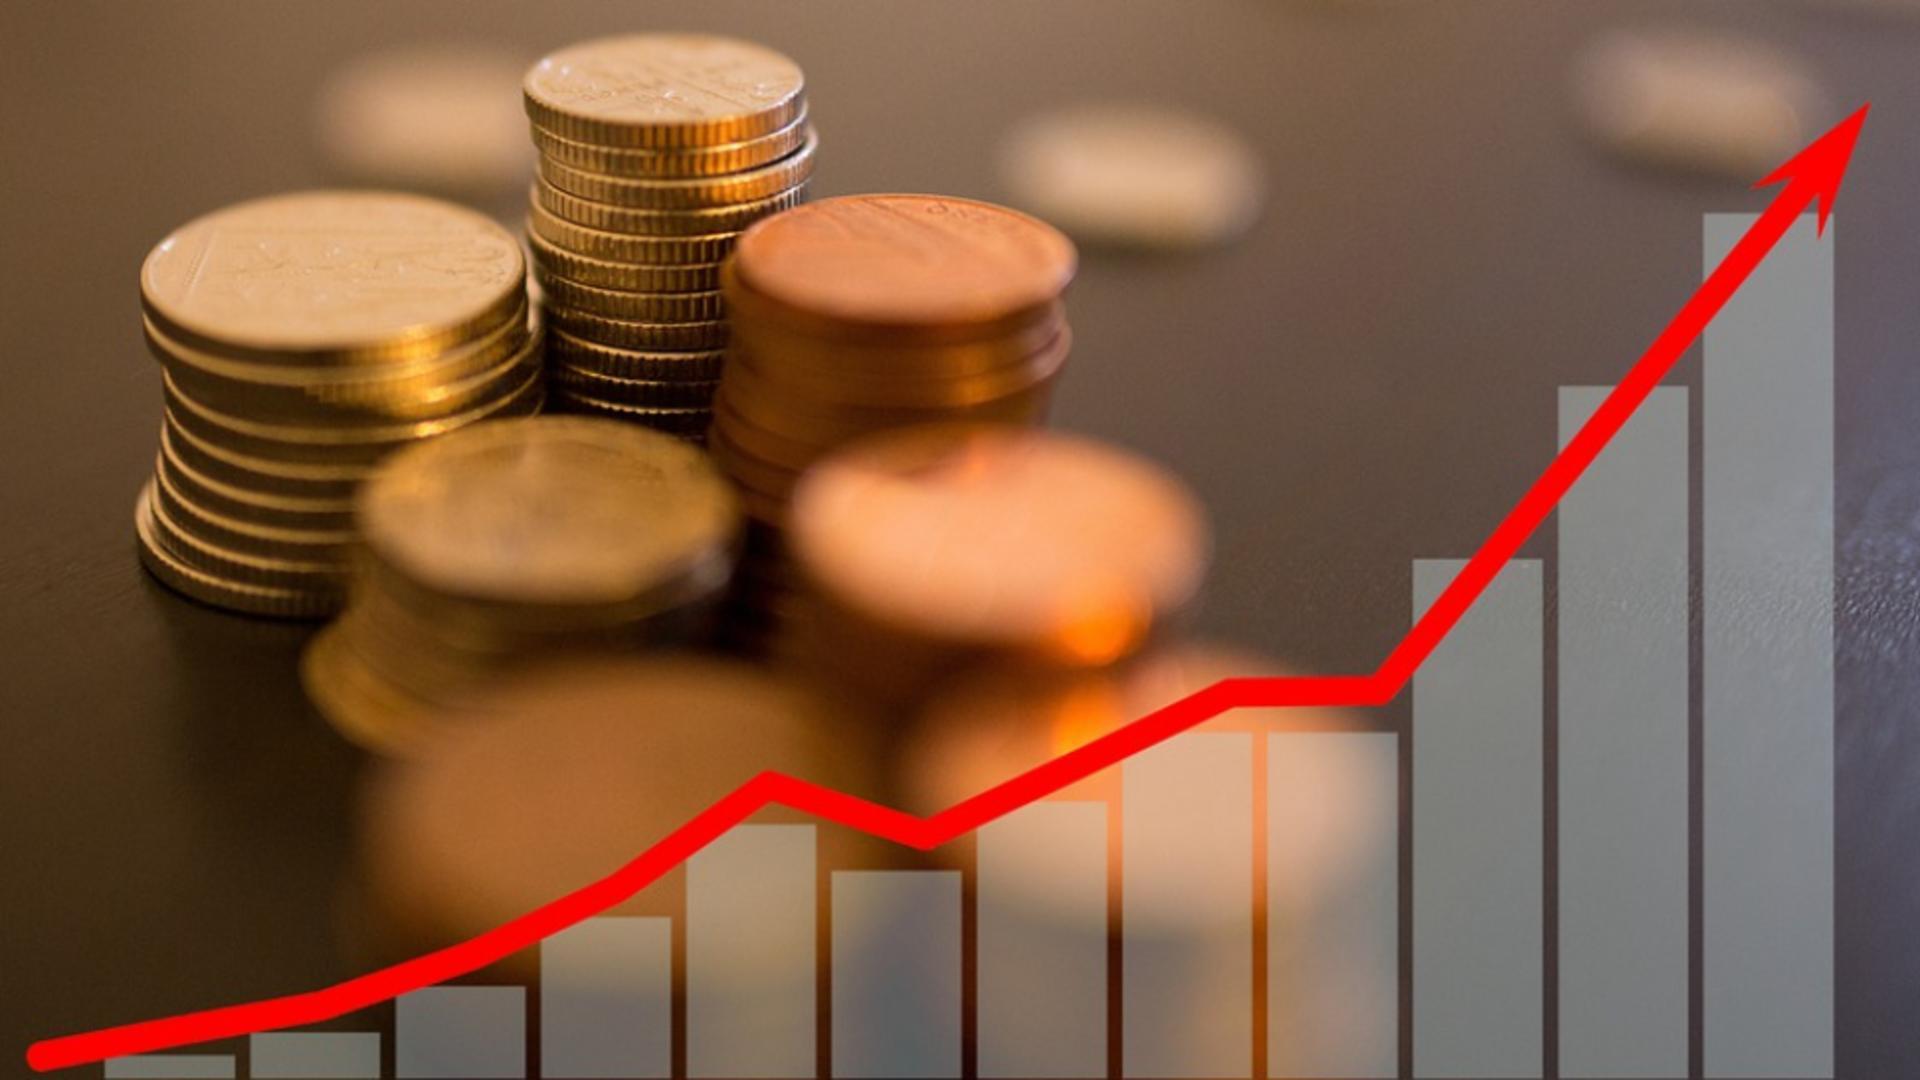 România, în TOPUL scumpirilor din UE - Rata inflației a crescut la 3,8% în ultima lună Foto: Pixabay.com